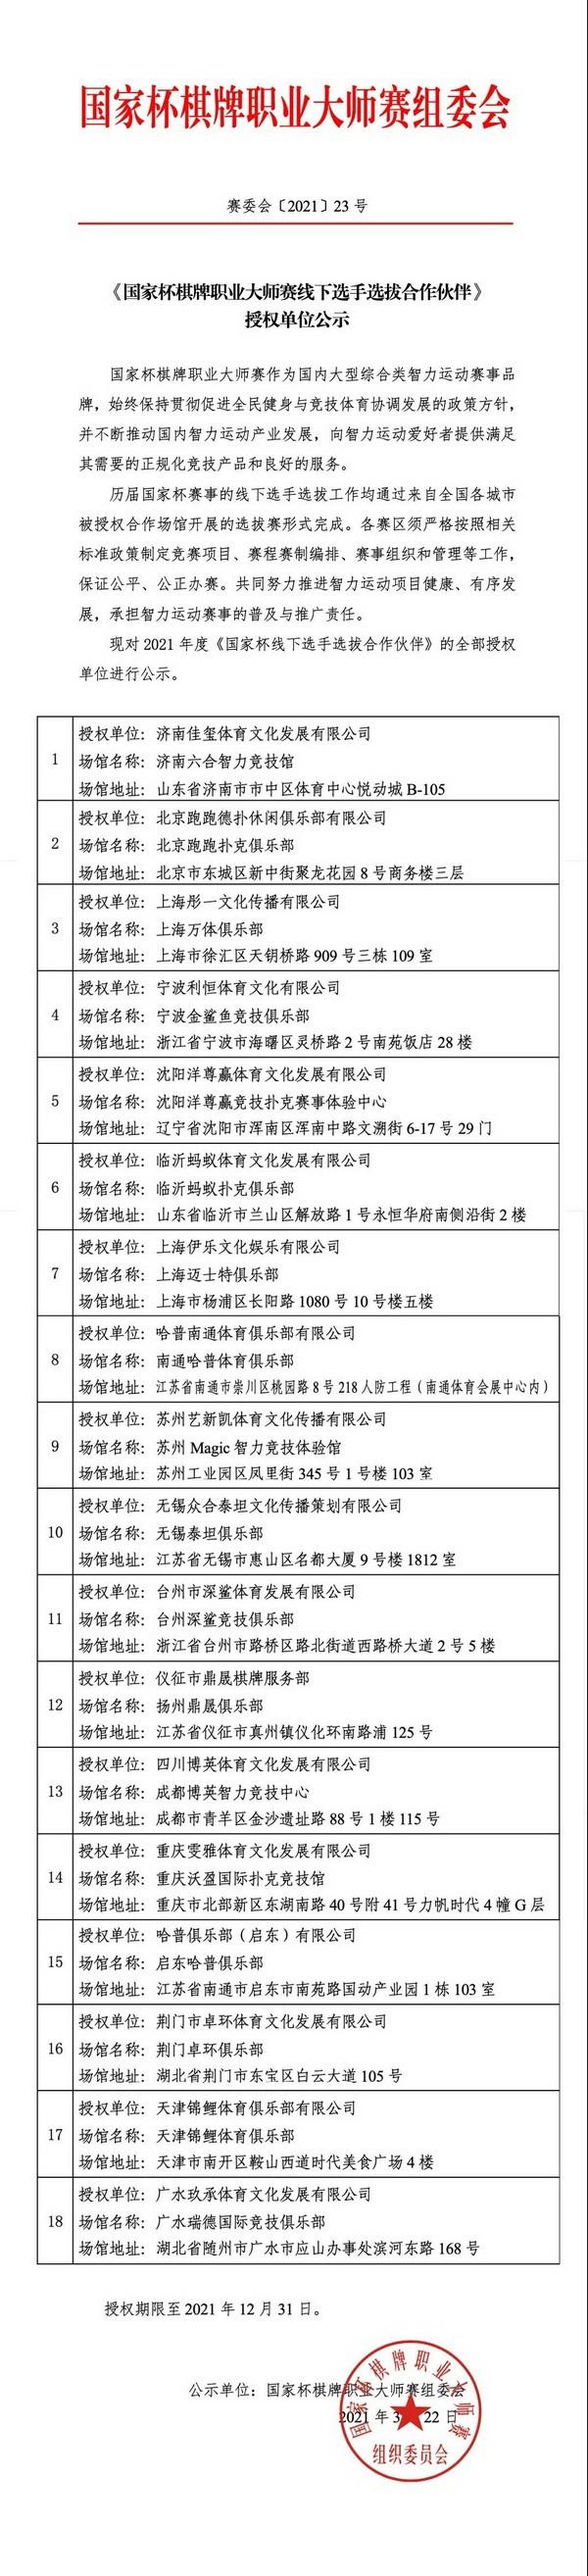 【蜗牛扑克】《国家杯棋牌职业大师赛线下选手选拔合作伙伴》授权单位公示